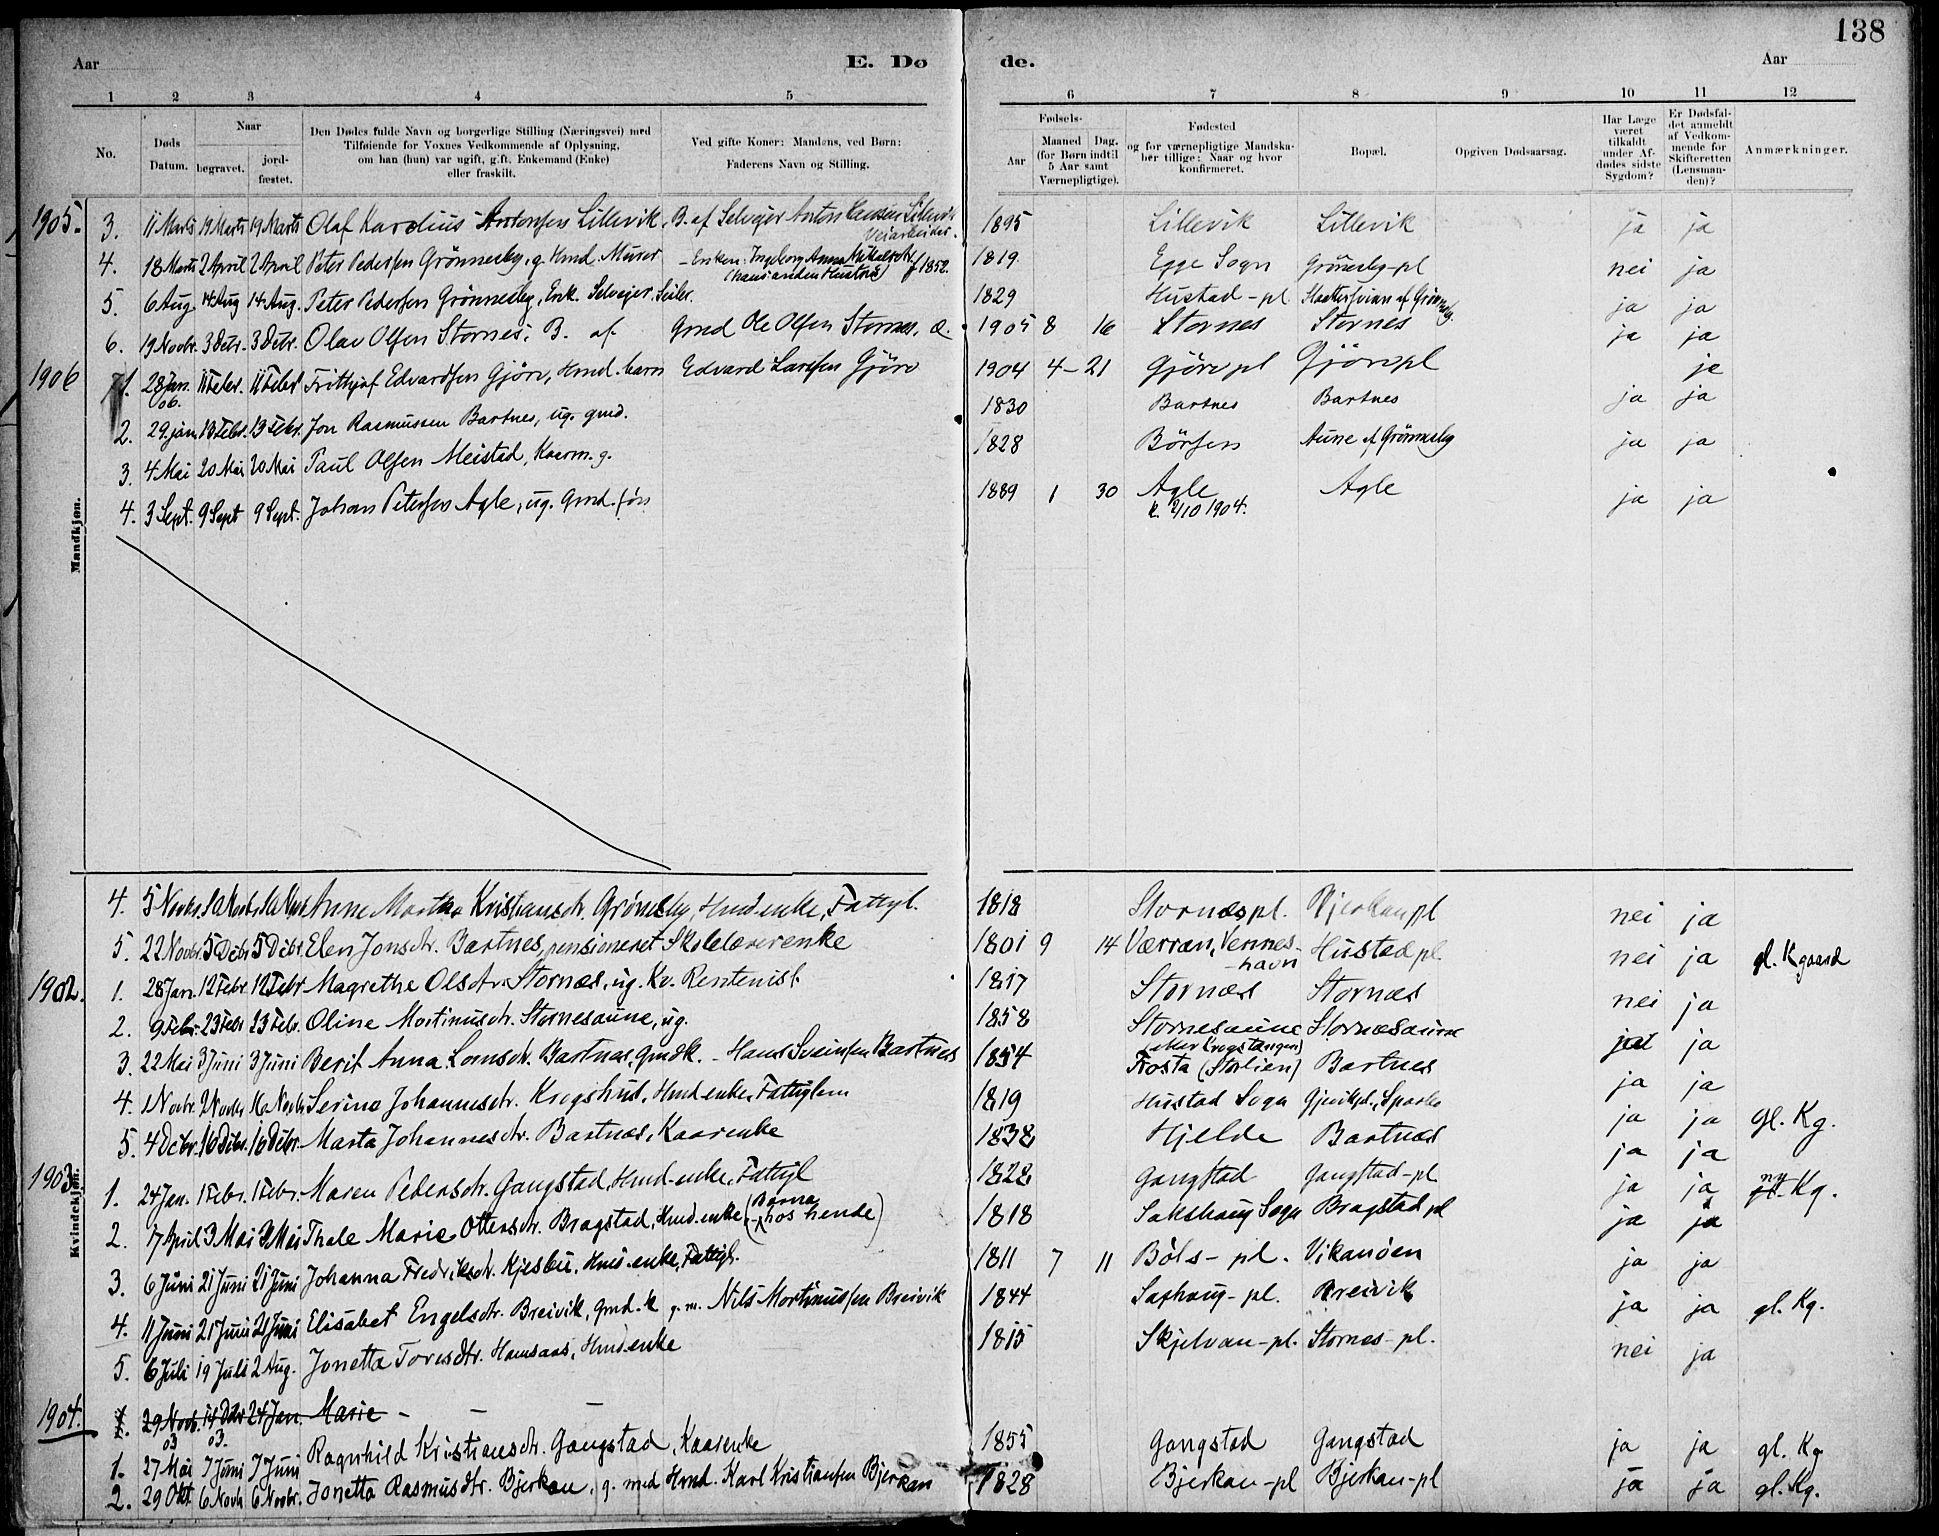 SAT, Ministerialprotokoller, klokkerbøker og fødselsregistre - Nord-Trøndelag, 732/L0316: Ministerialbok nr. 732A01, 1879-1921, s. 138